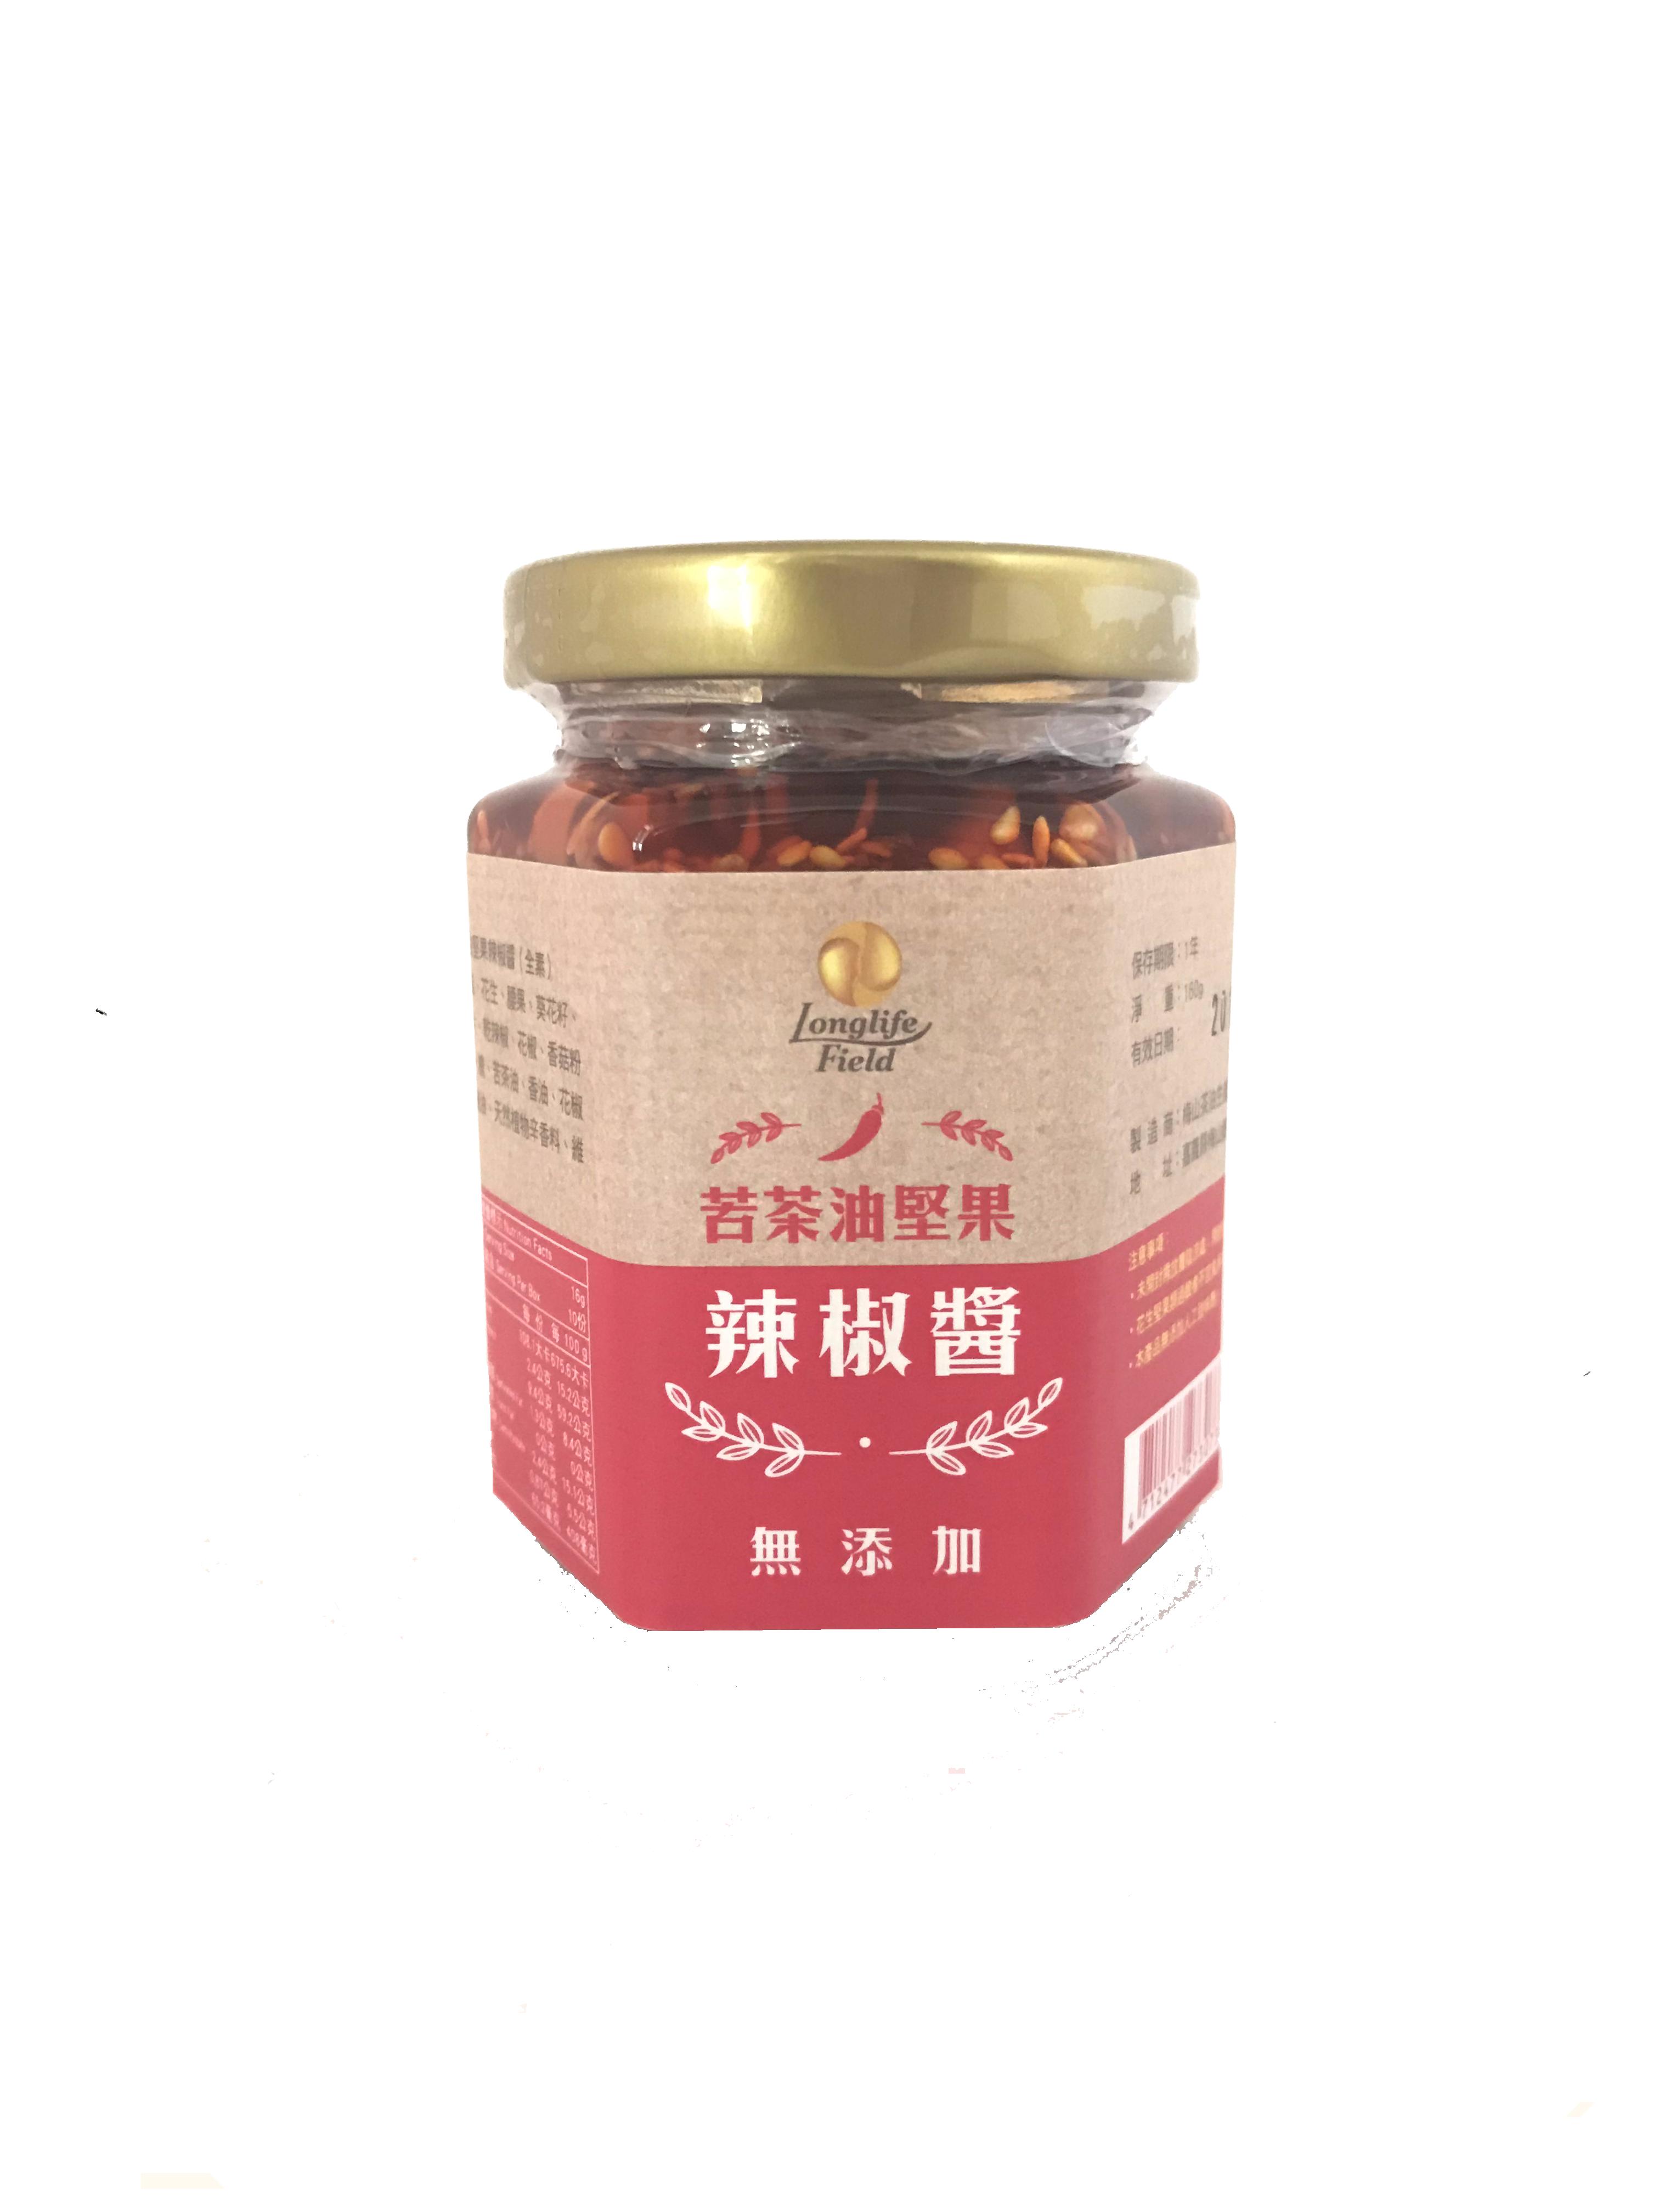 無添加 苦茶油堅果辣椒醬